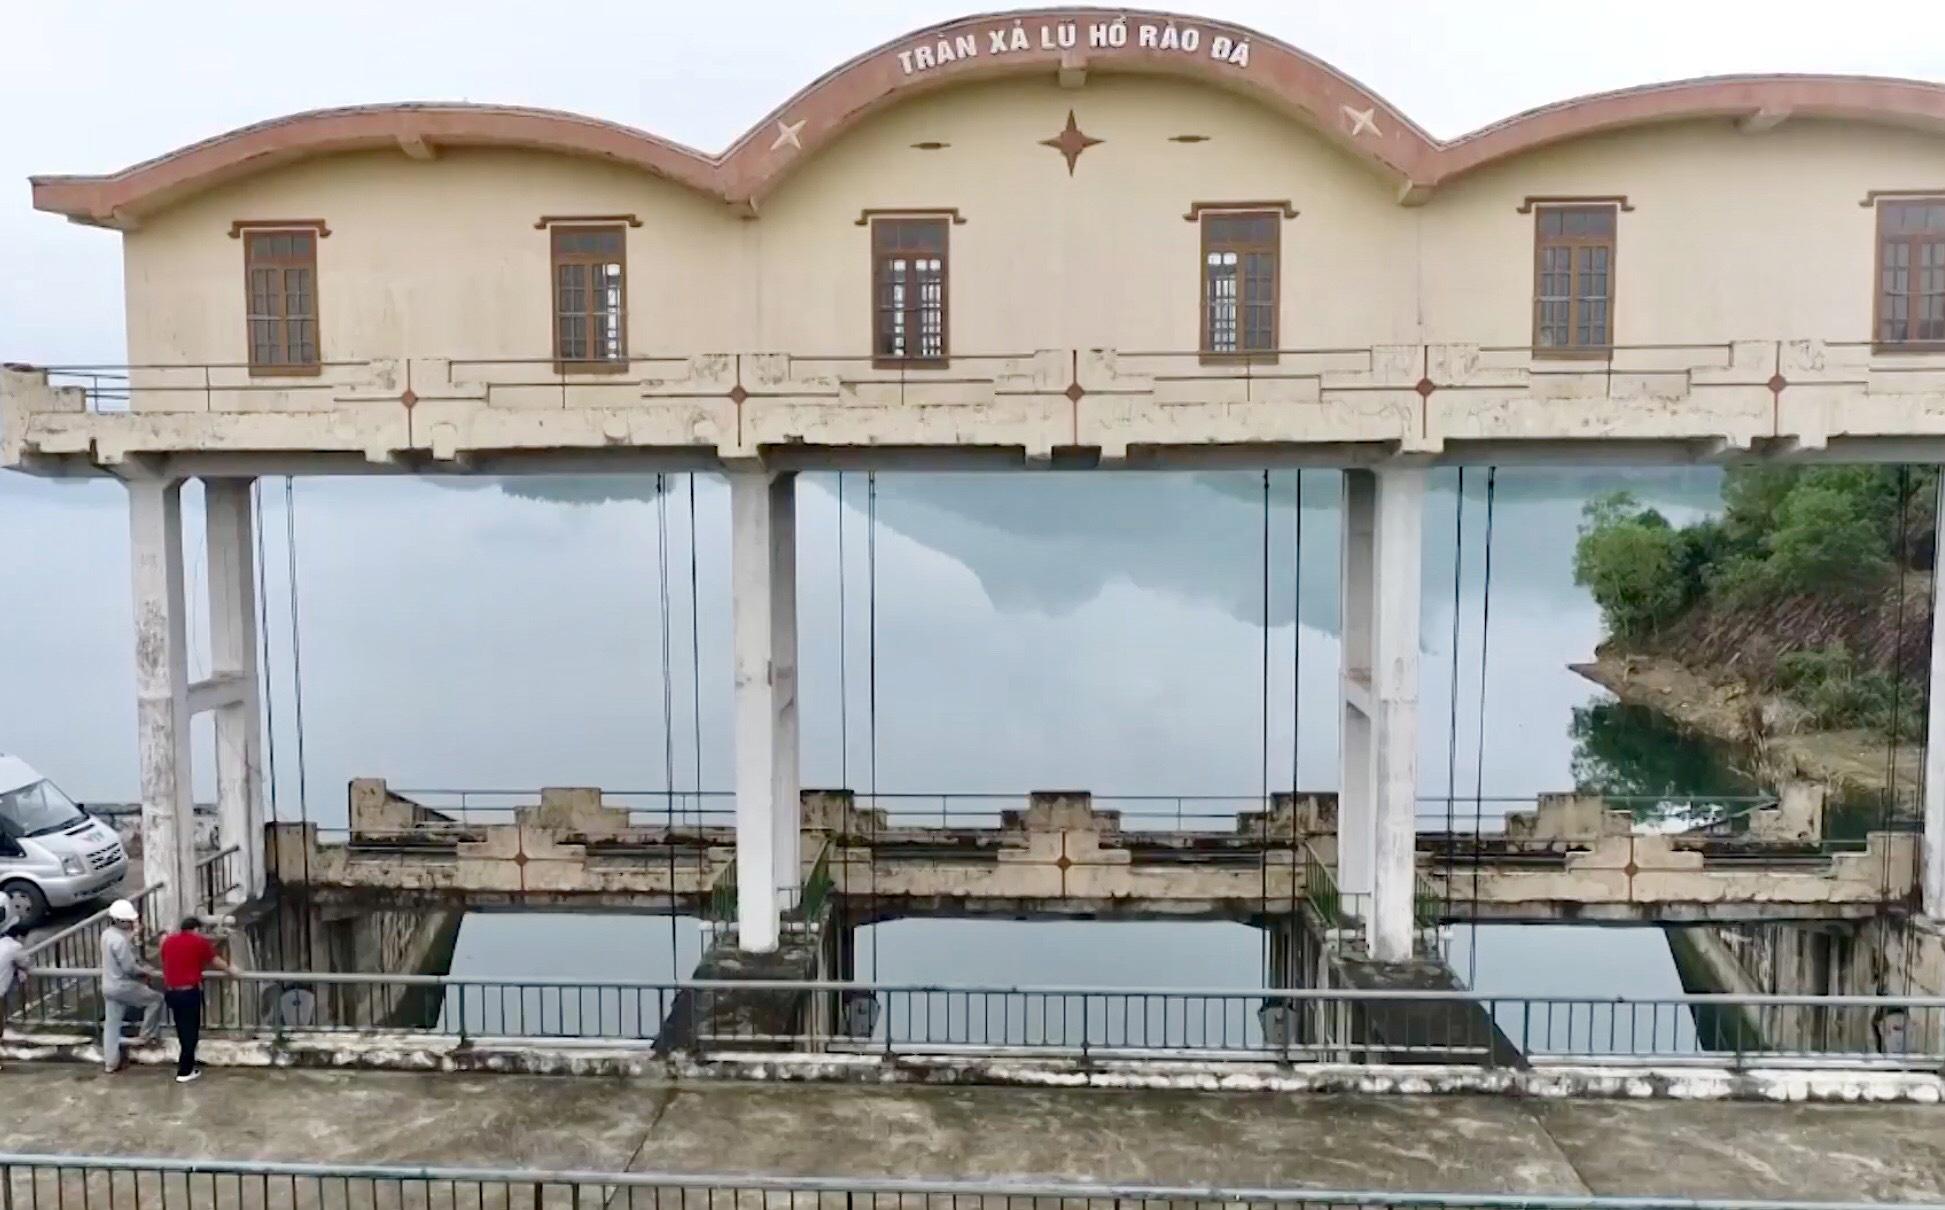 Sau lũ lịch sử, hồ đập Quảng Bình xuống cấp trầm trọng - Ảnh 4.